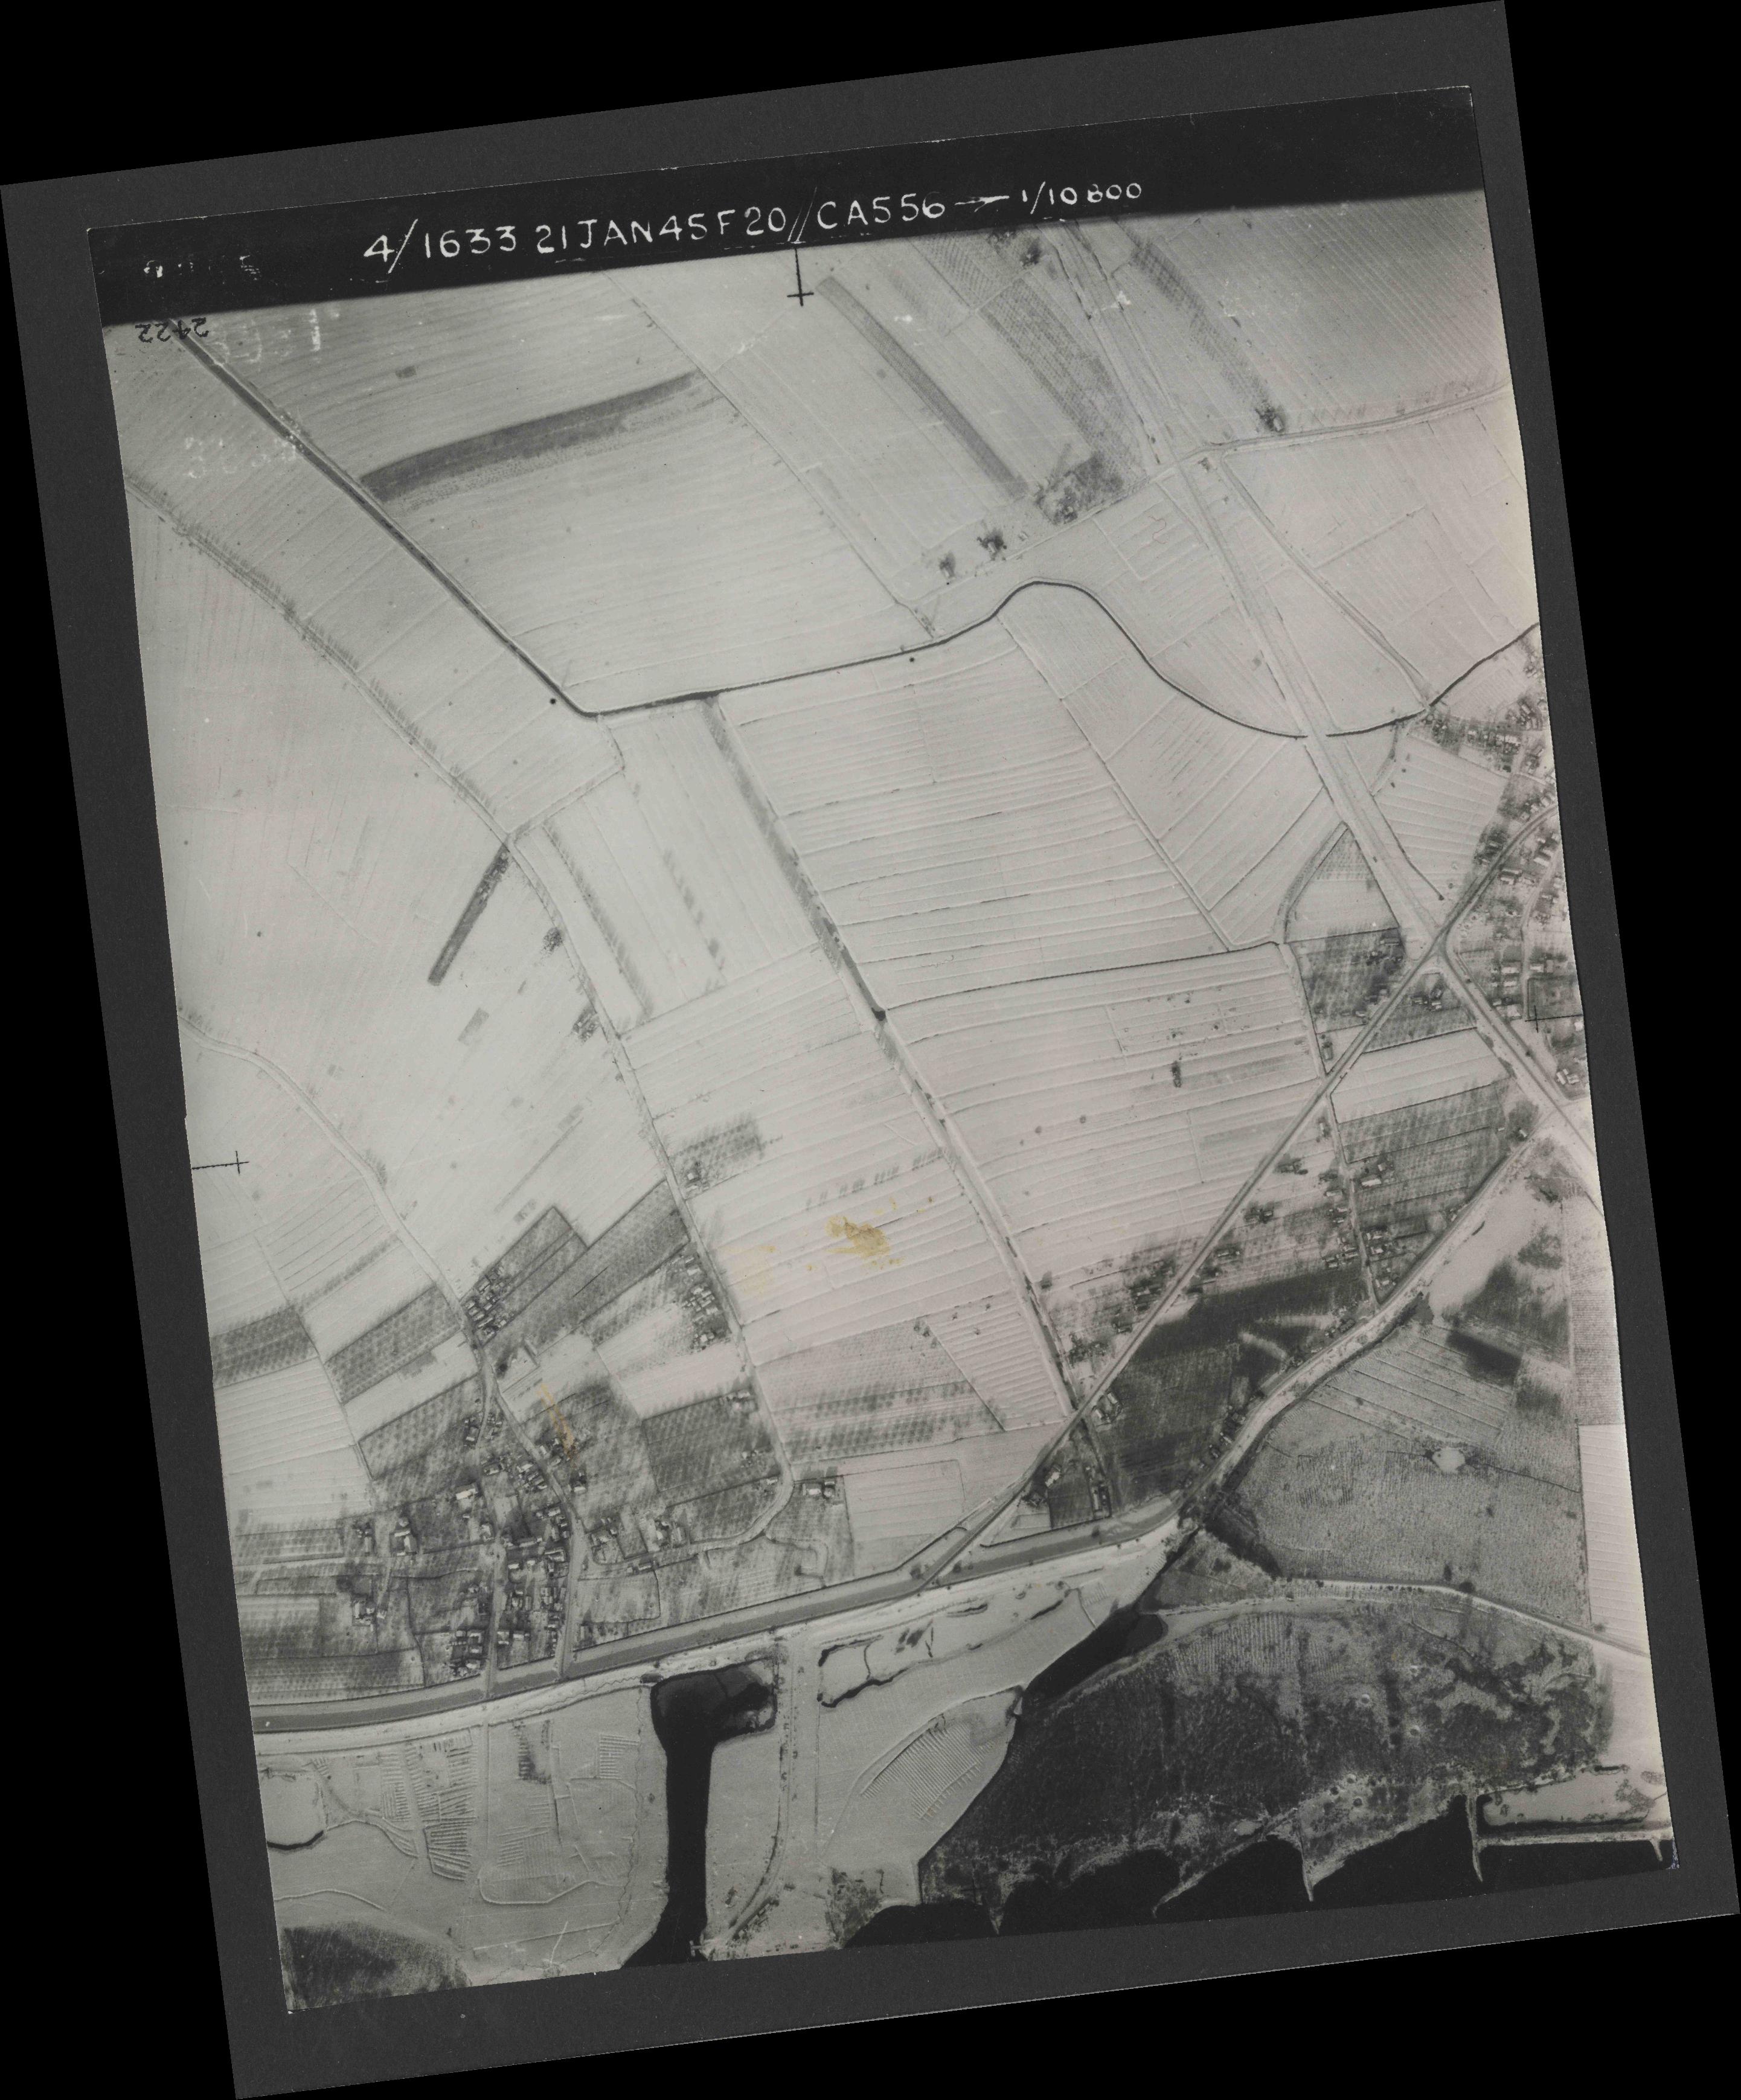 Collection RAF aerial photos 1940-1945 - flight 202, run 06, photo 3055